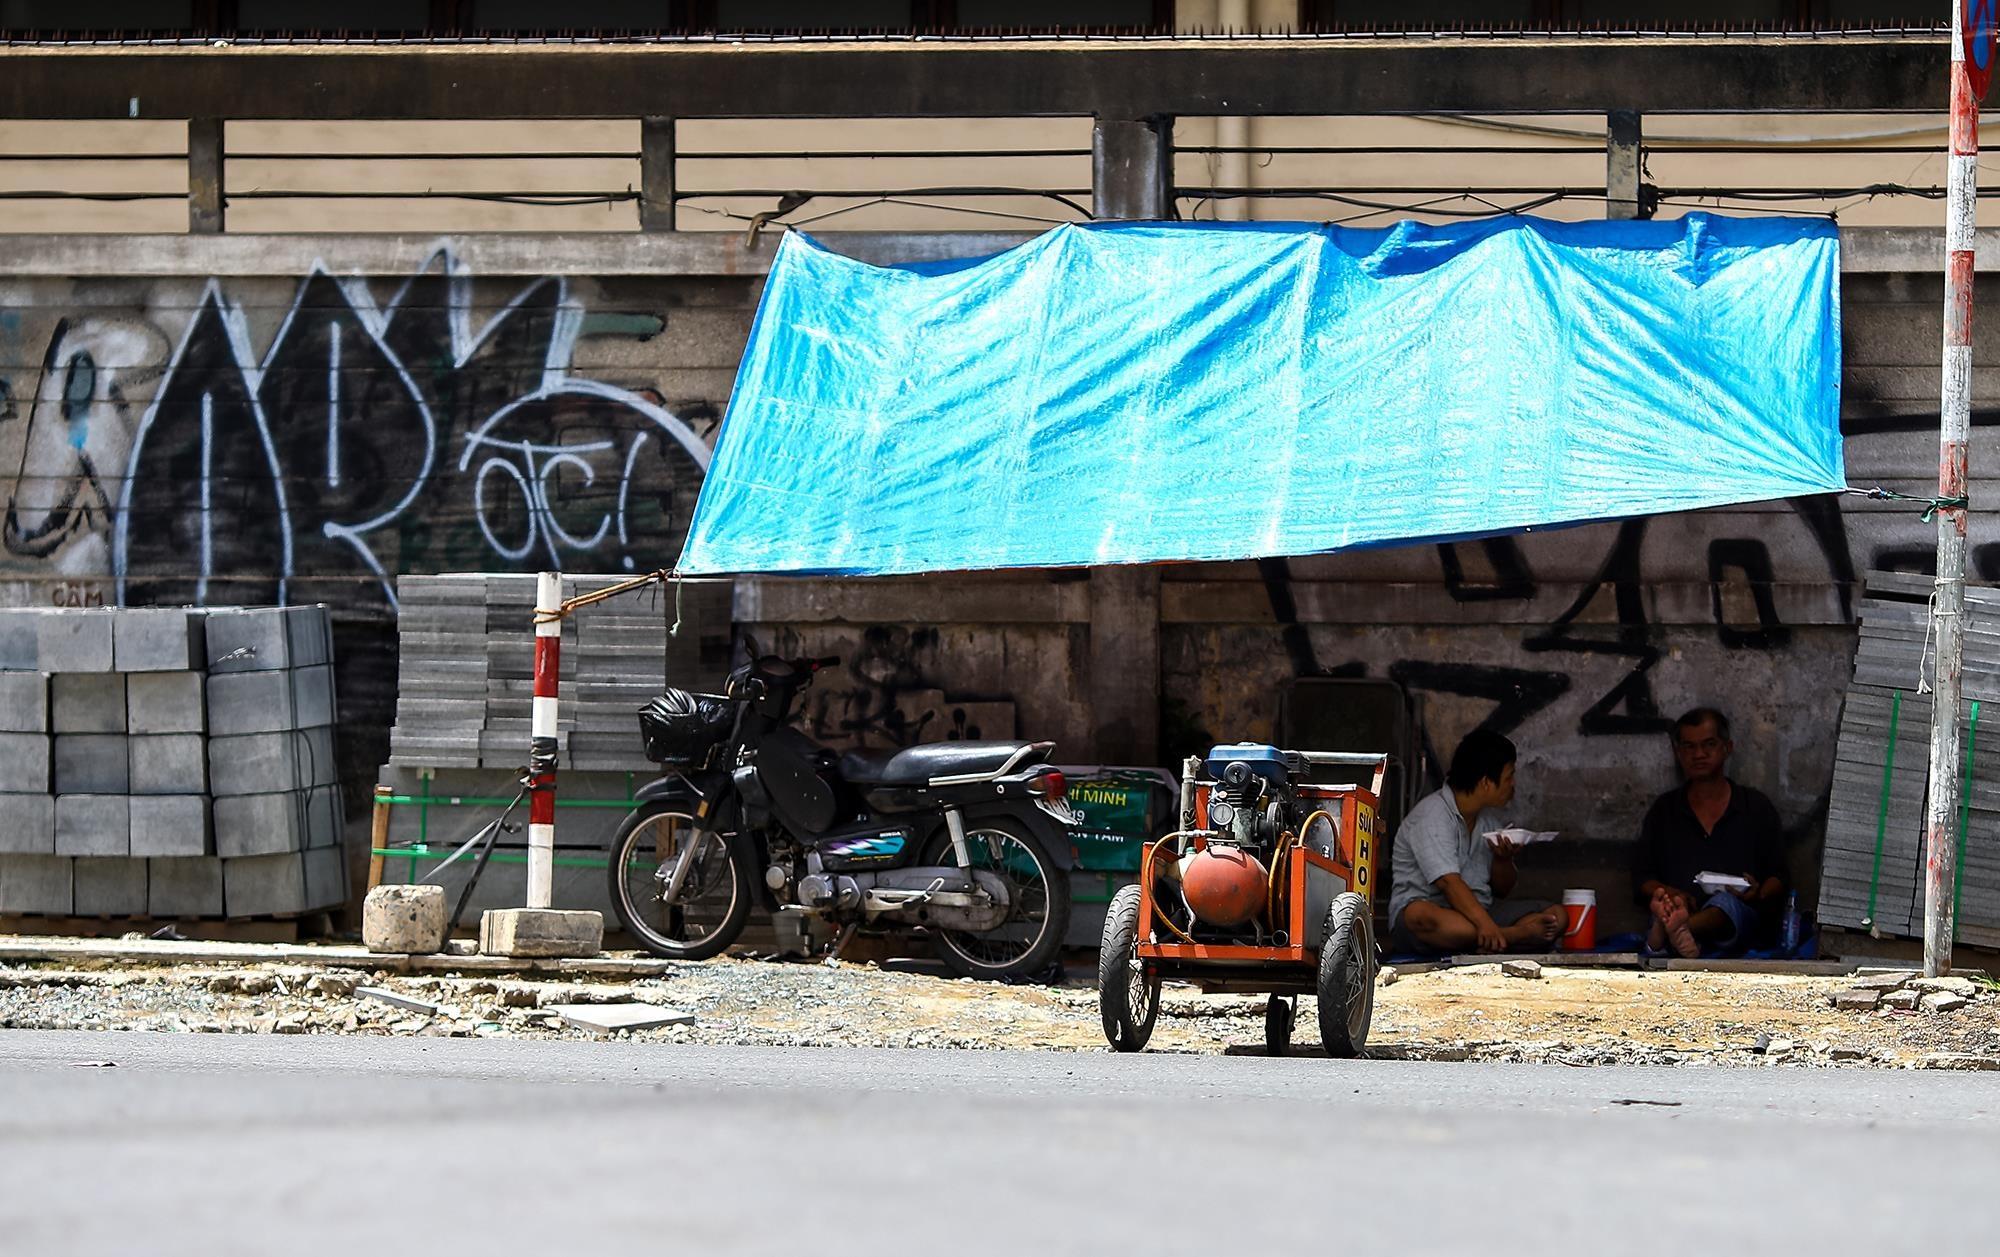 Ông Lê Văn Long, 60 tuổi, người sửa xe trên đường Tôn Đức Thắng hơn 30 năm, cho biết: